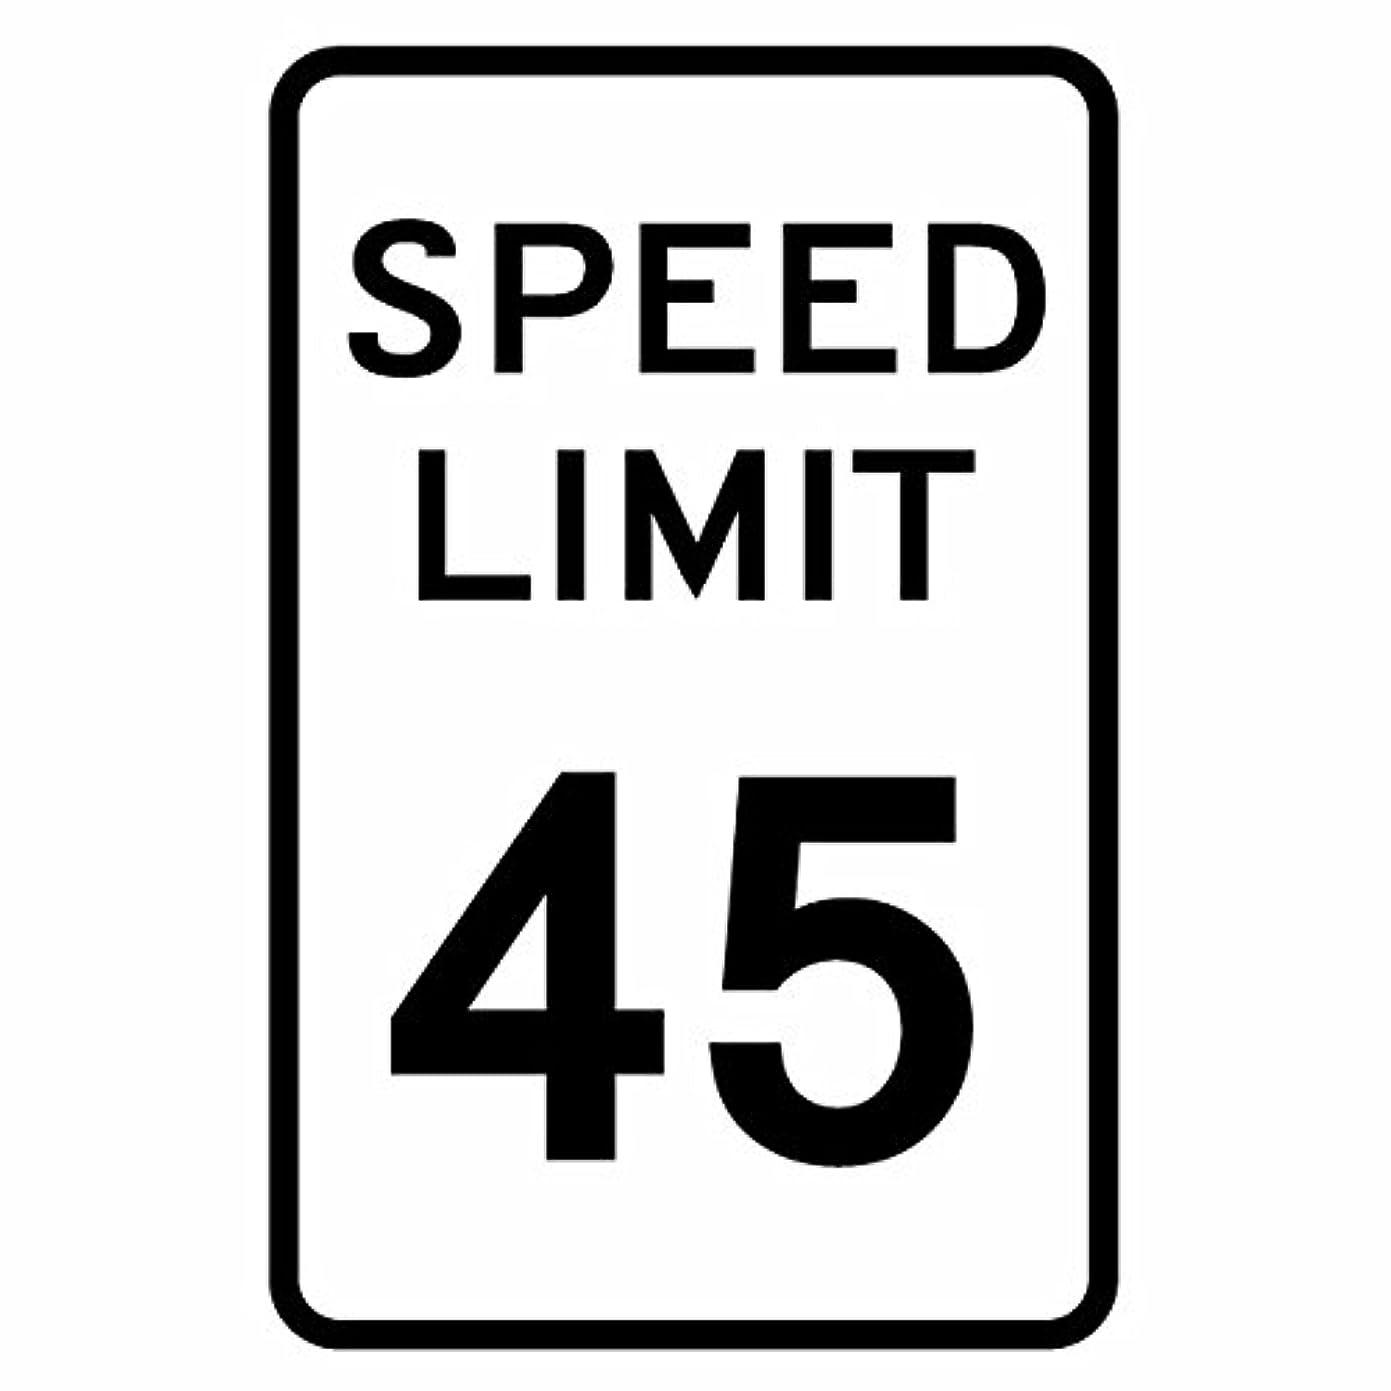 証明する魔術師種【カッティングステッカー アメリカ スピードリミット45マイル(道路標識) 2枚組 幅約11.7cm×高約18cm】カラー:黒(ブラック)